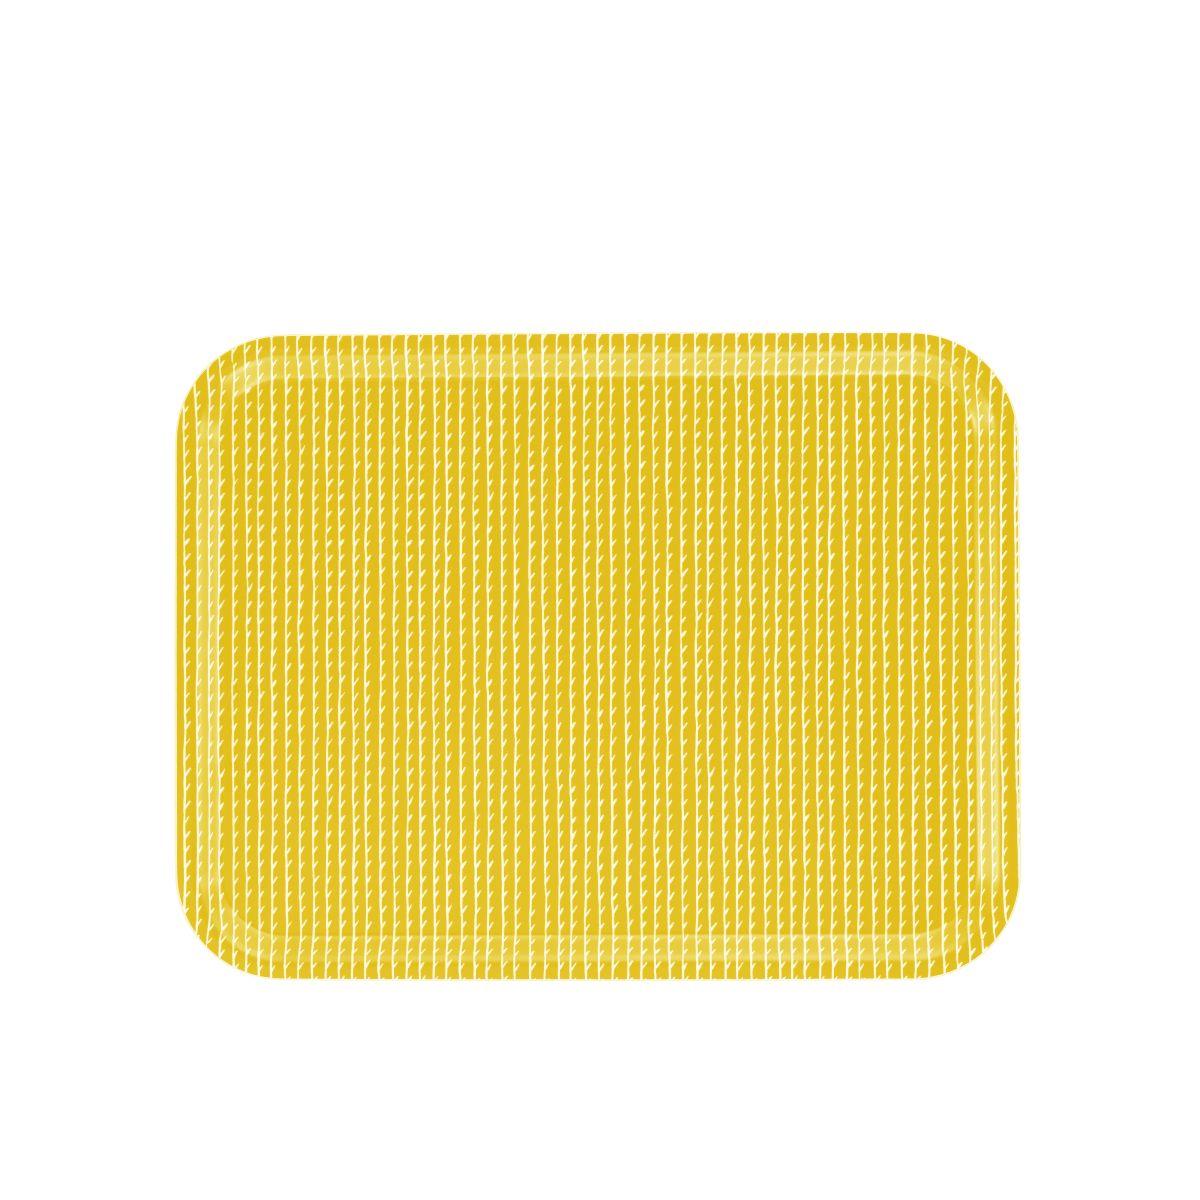 Rivi Tray yellow_white large_F_web